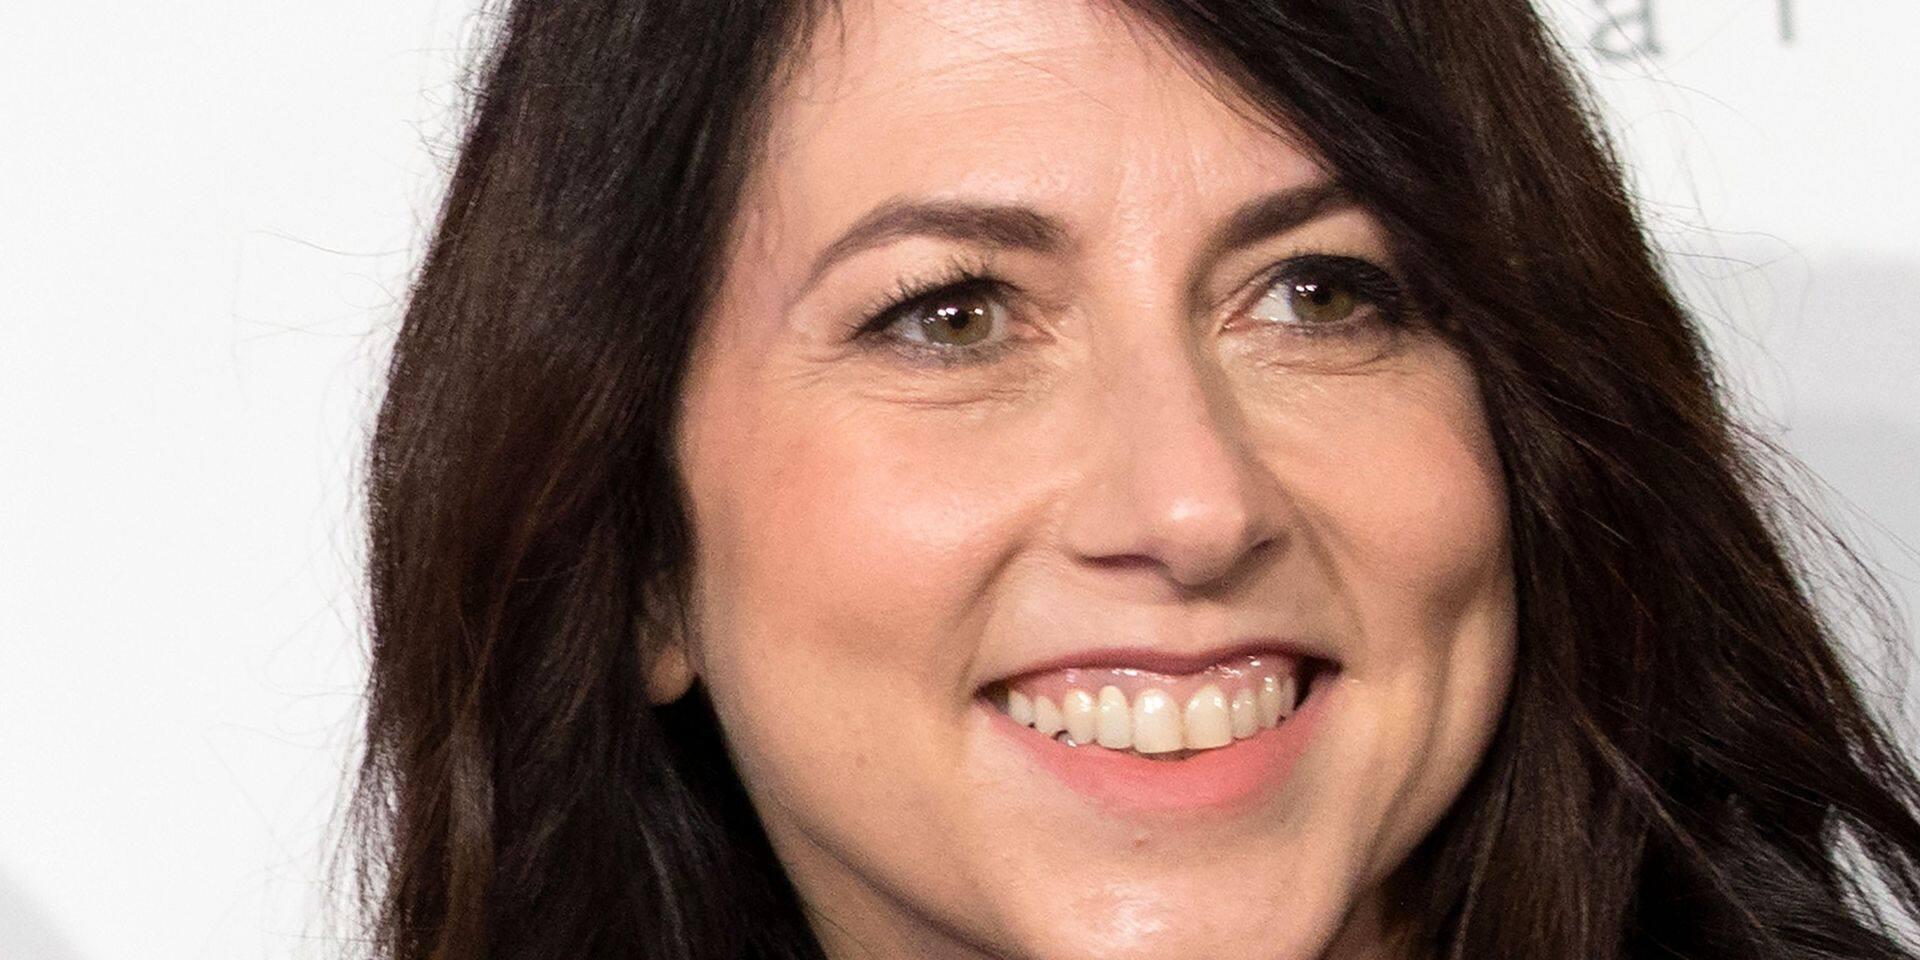 L'ex-femme de Jeff Bezos donne près d'1,7 milliard de dollars à des oeuvres de charité